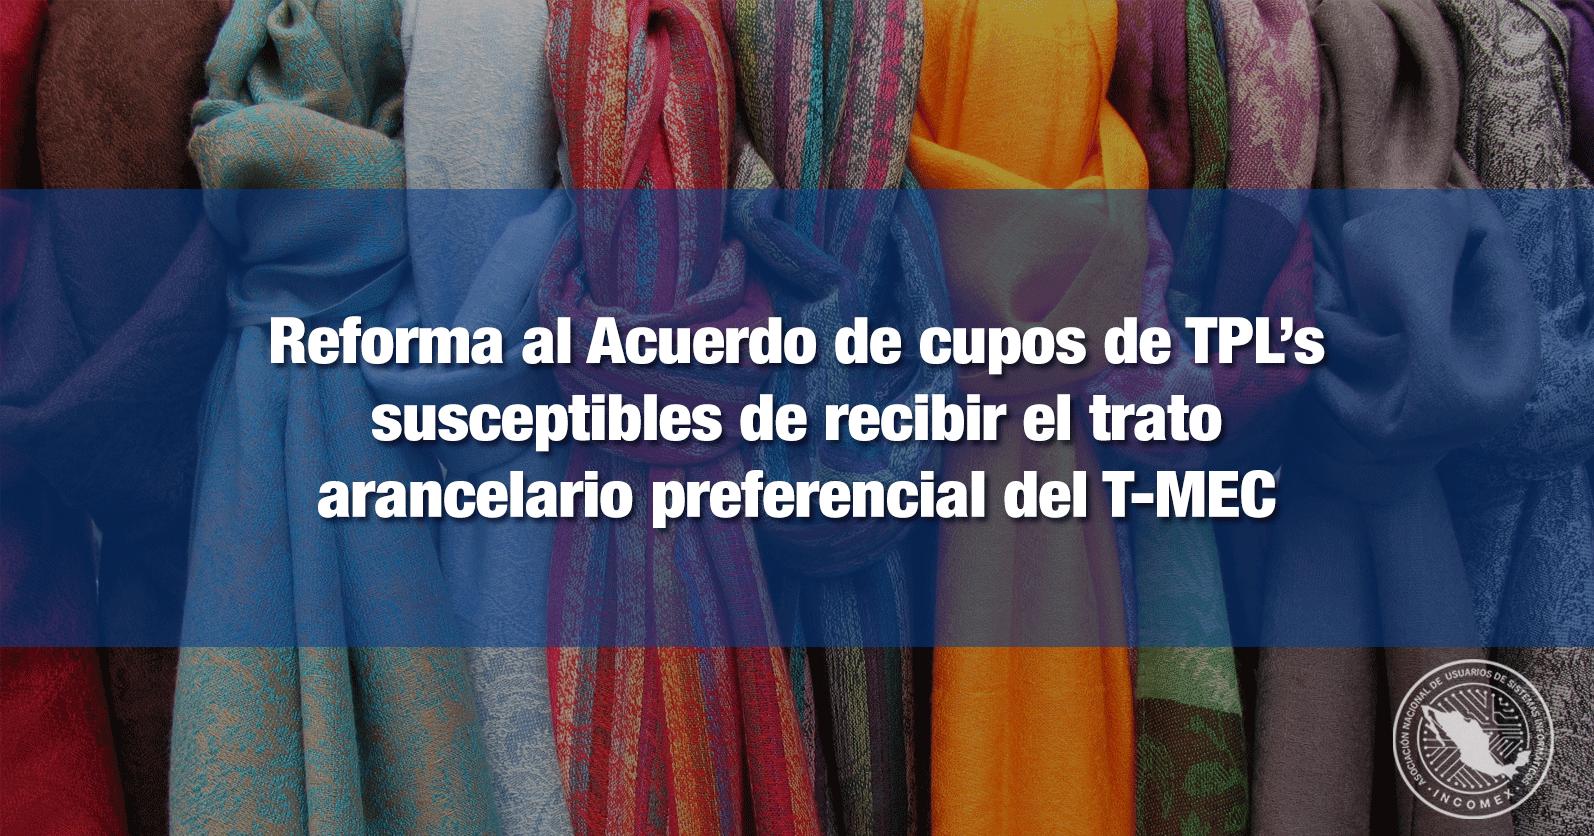 Reforma al Acuerdo de cupos de TPL's susceptibles de recibir el trato arancelario preferencial del T-MEC